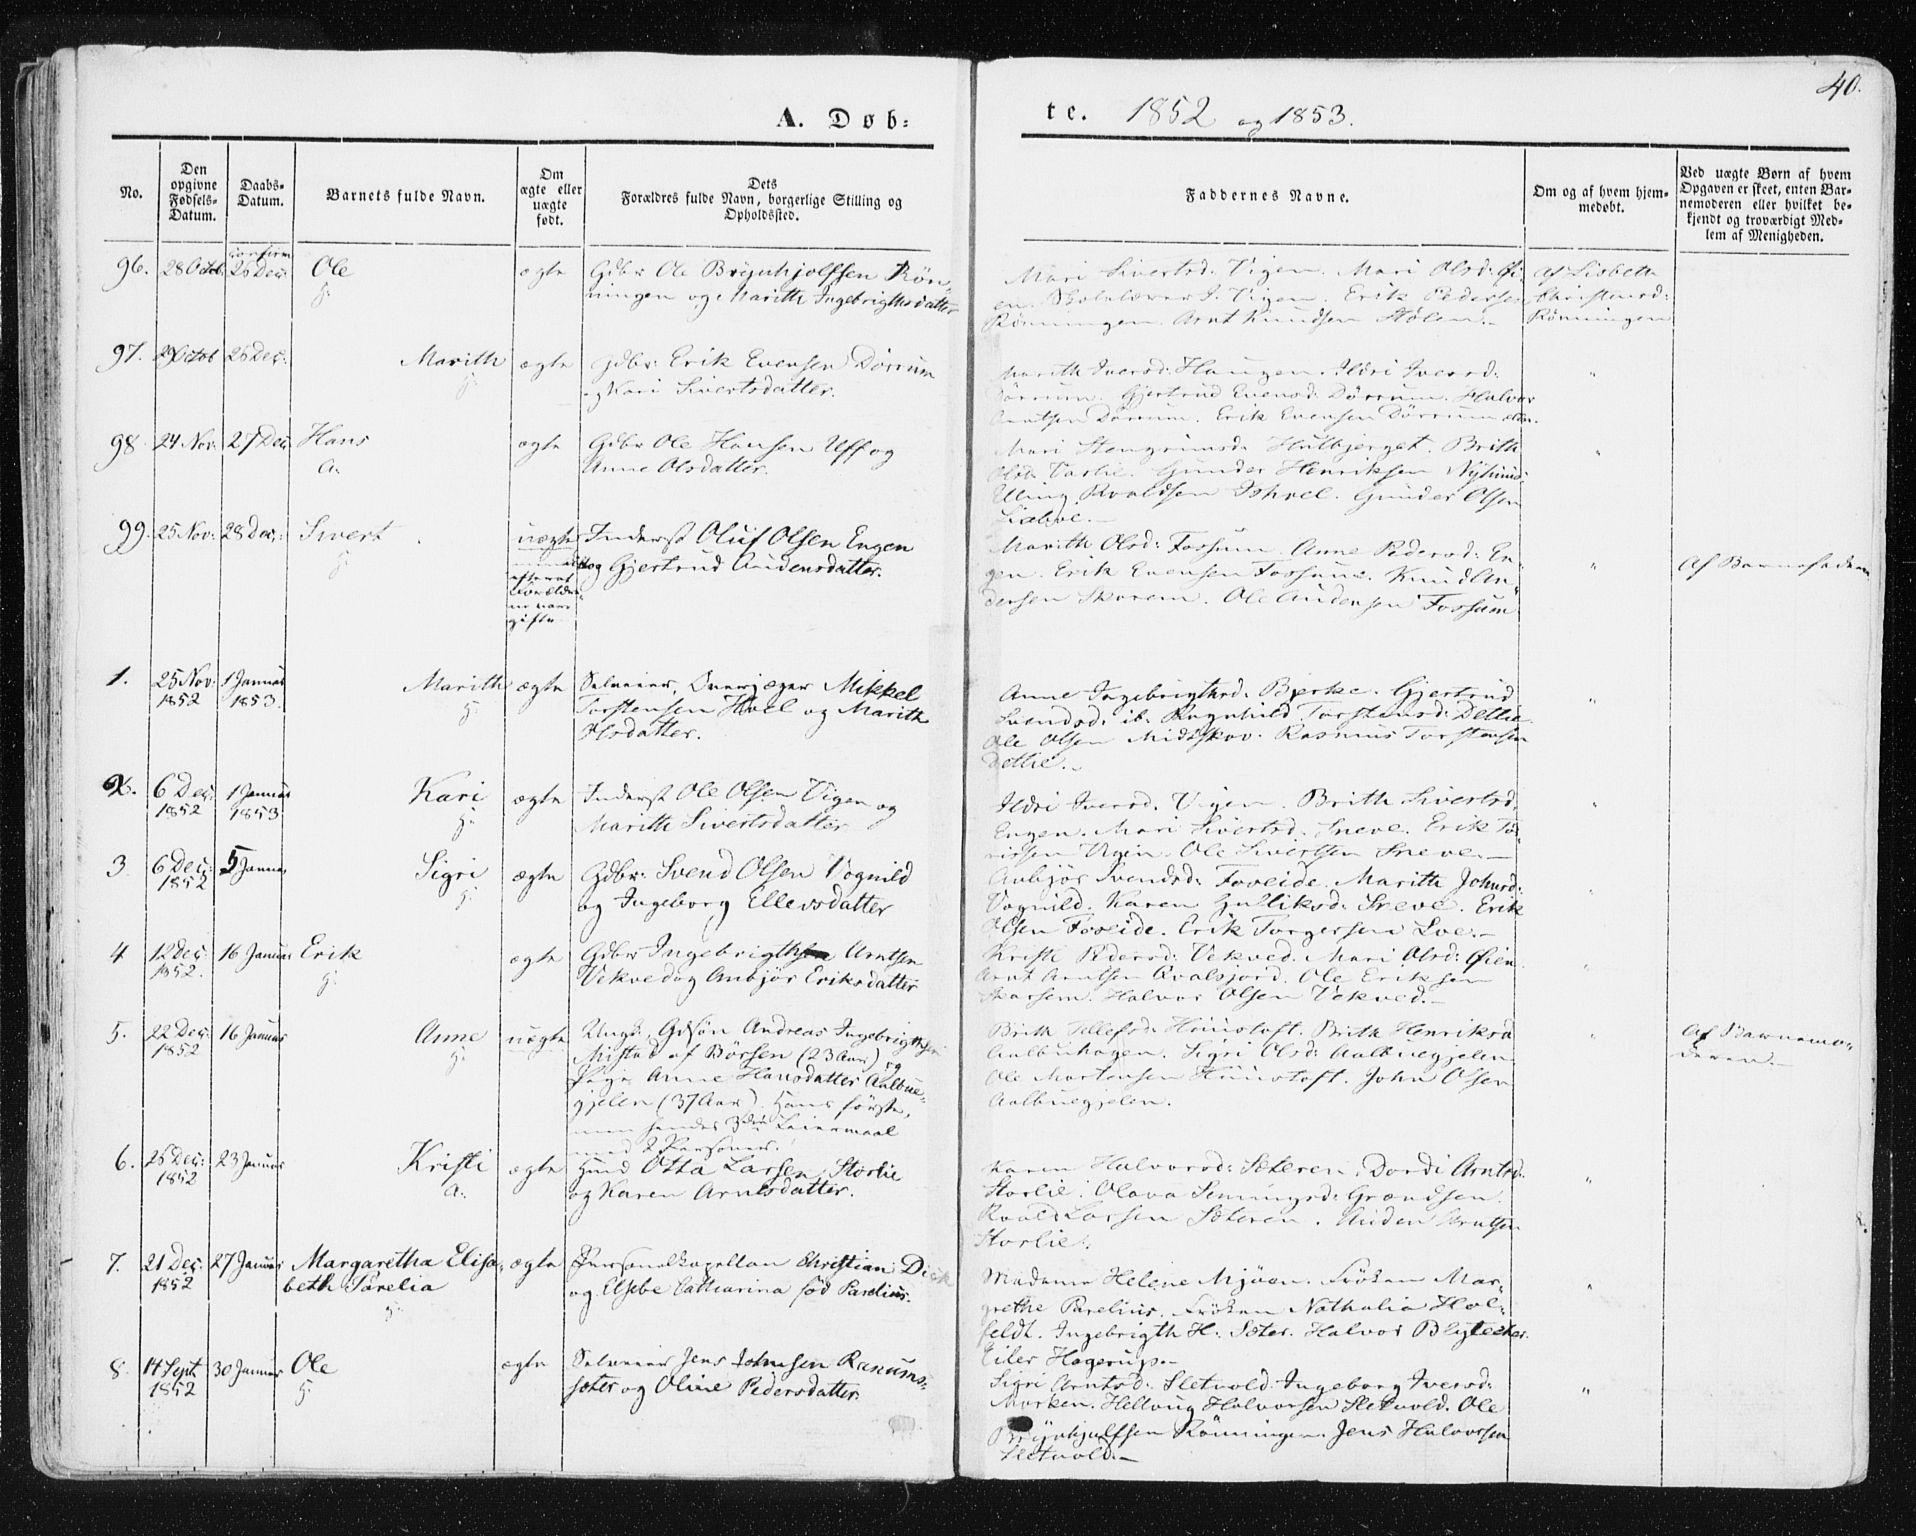 SAT, Ministerialprotokoller, klokkerbøker og fødselsregistre - Sør-Trøndelag, 678/L0899: Ministerialbok nr. 678A08, 1848-1872, s. 40